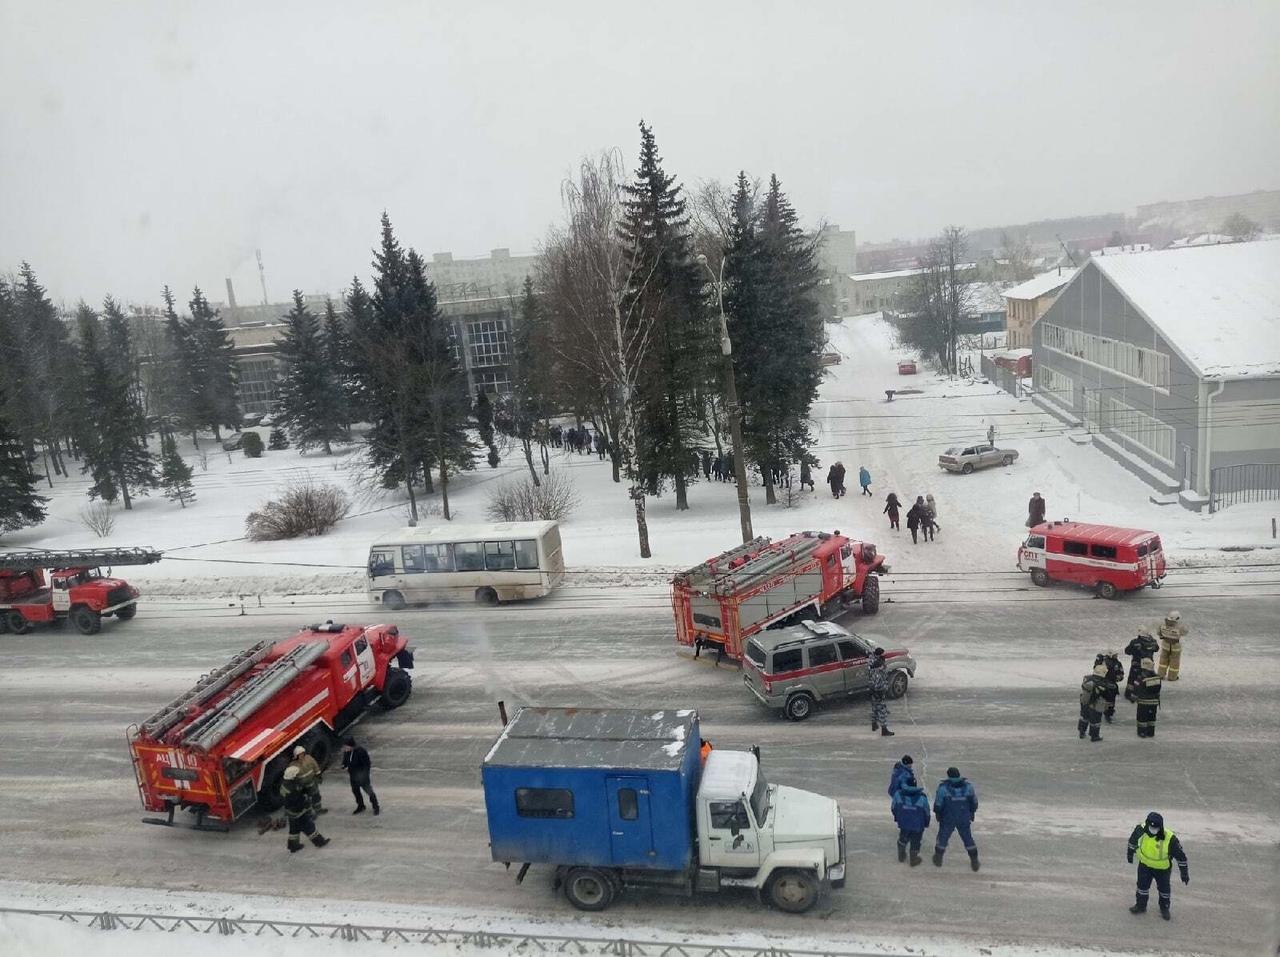 Детей эвакуировали из школы в Рыбинске: полиция назвала причину